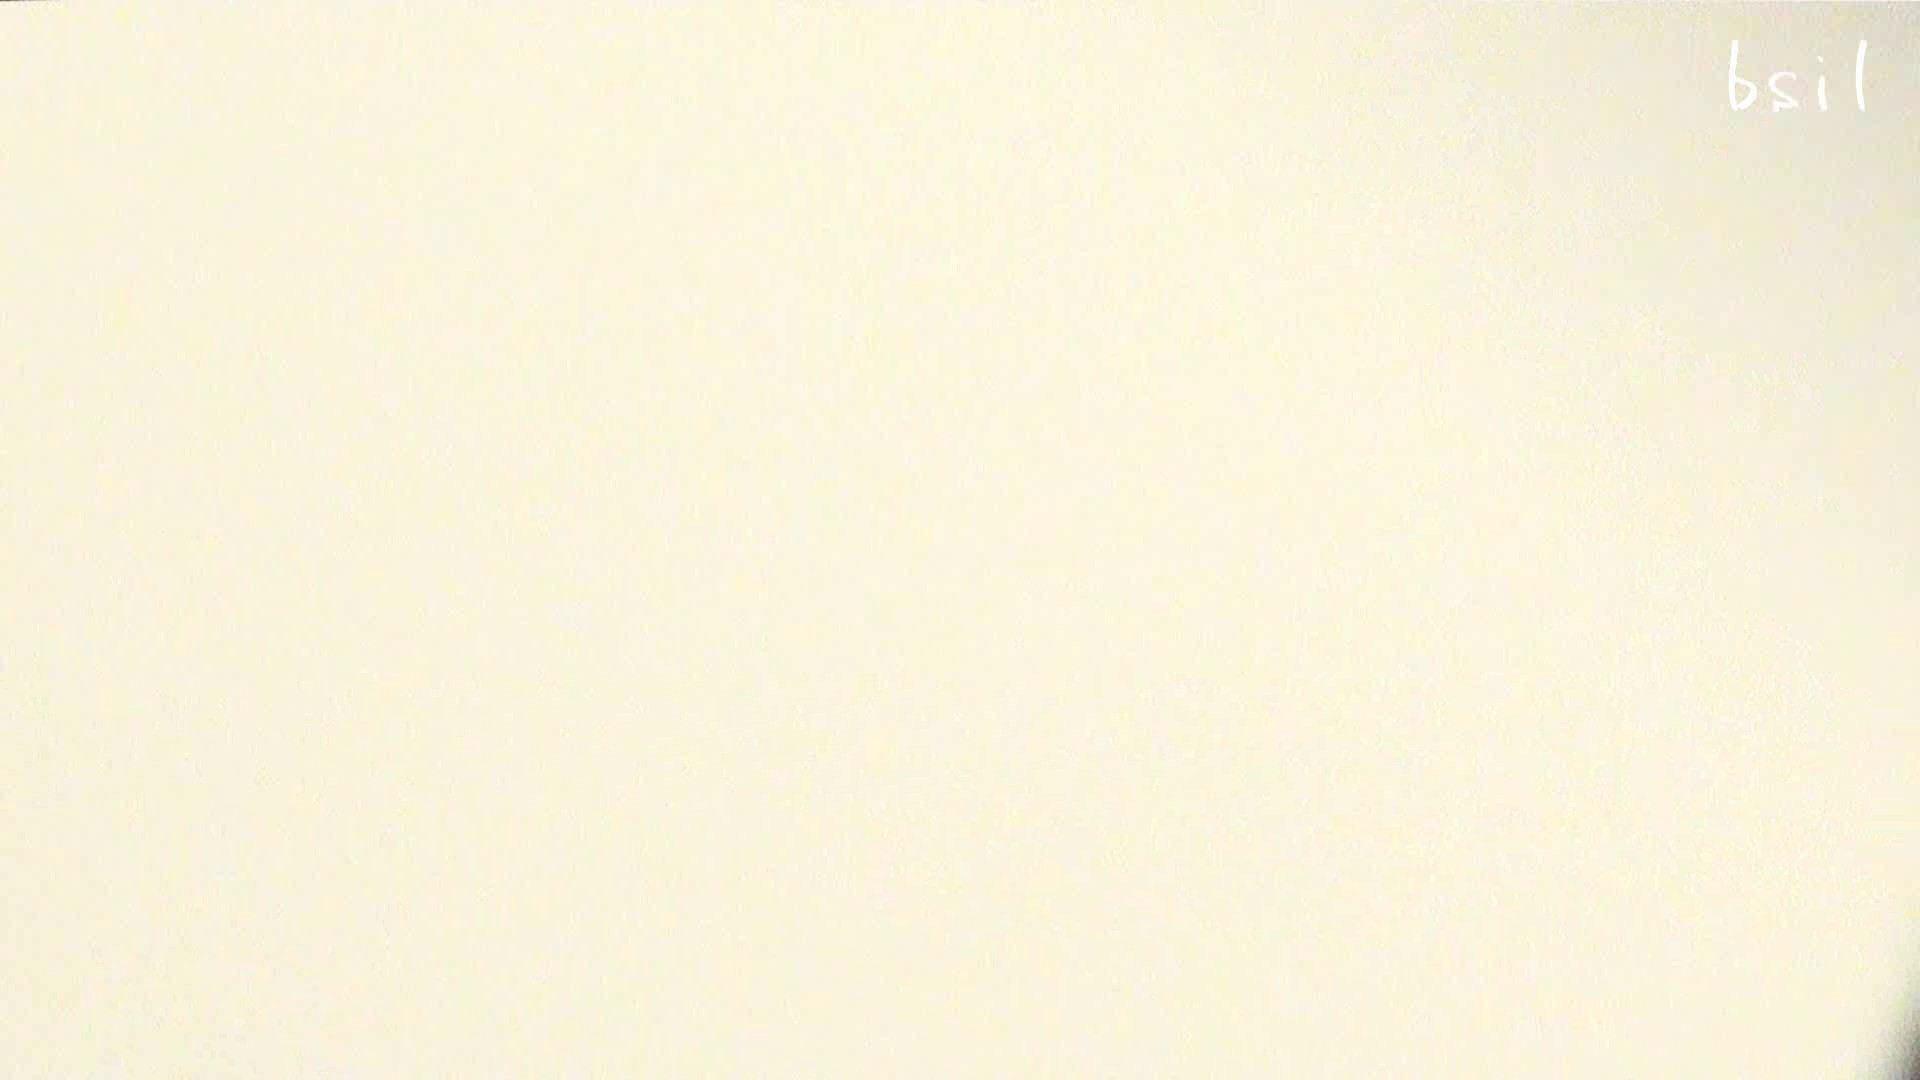 至高下半身盗撮-PREMIUM-【院内病棟編 】 vol.01 盗撮  73枚 35